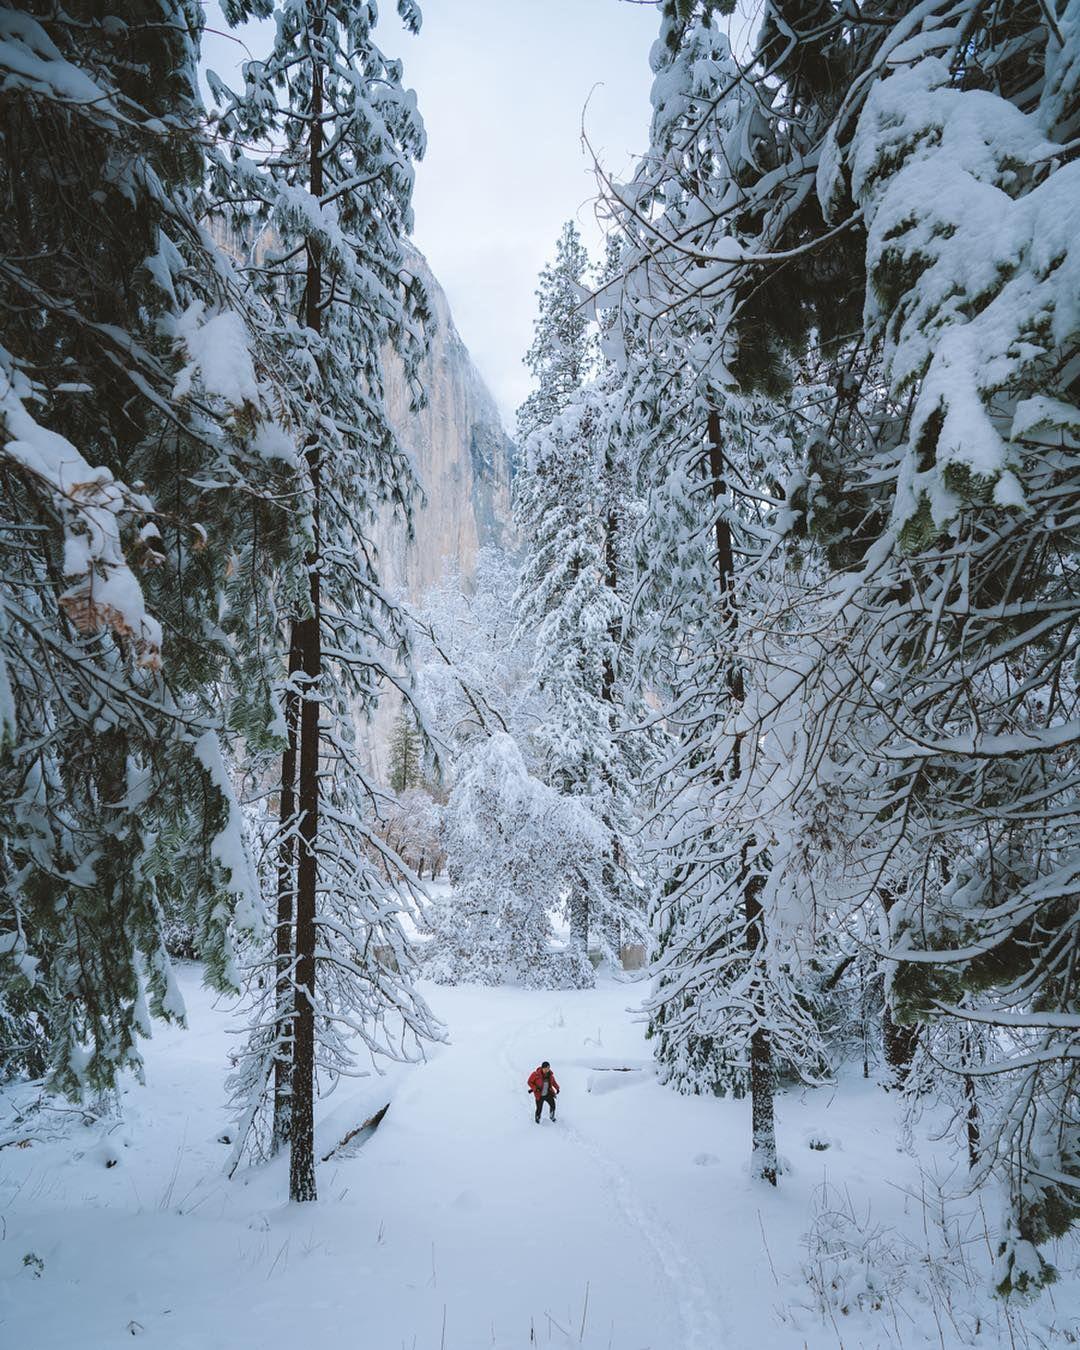 wild journey, one man, nature journals, nature journals list